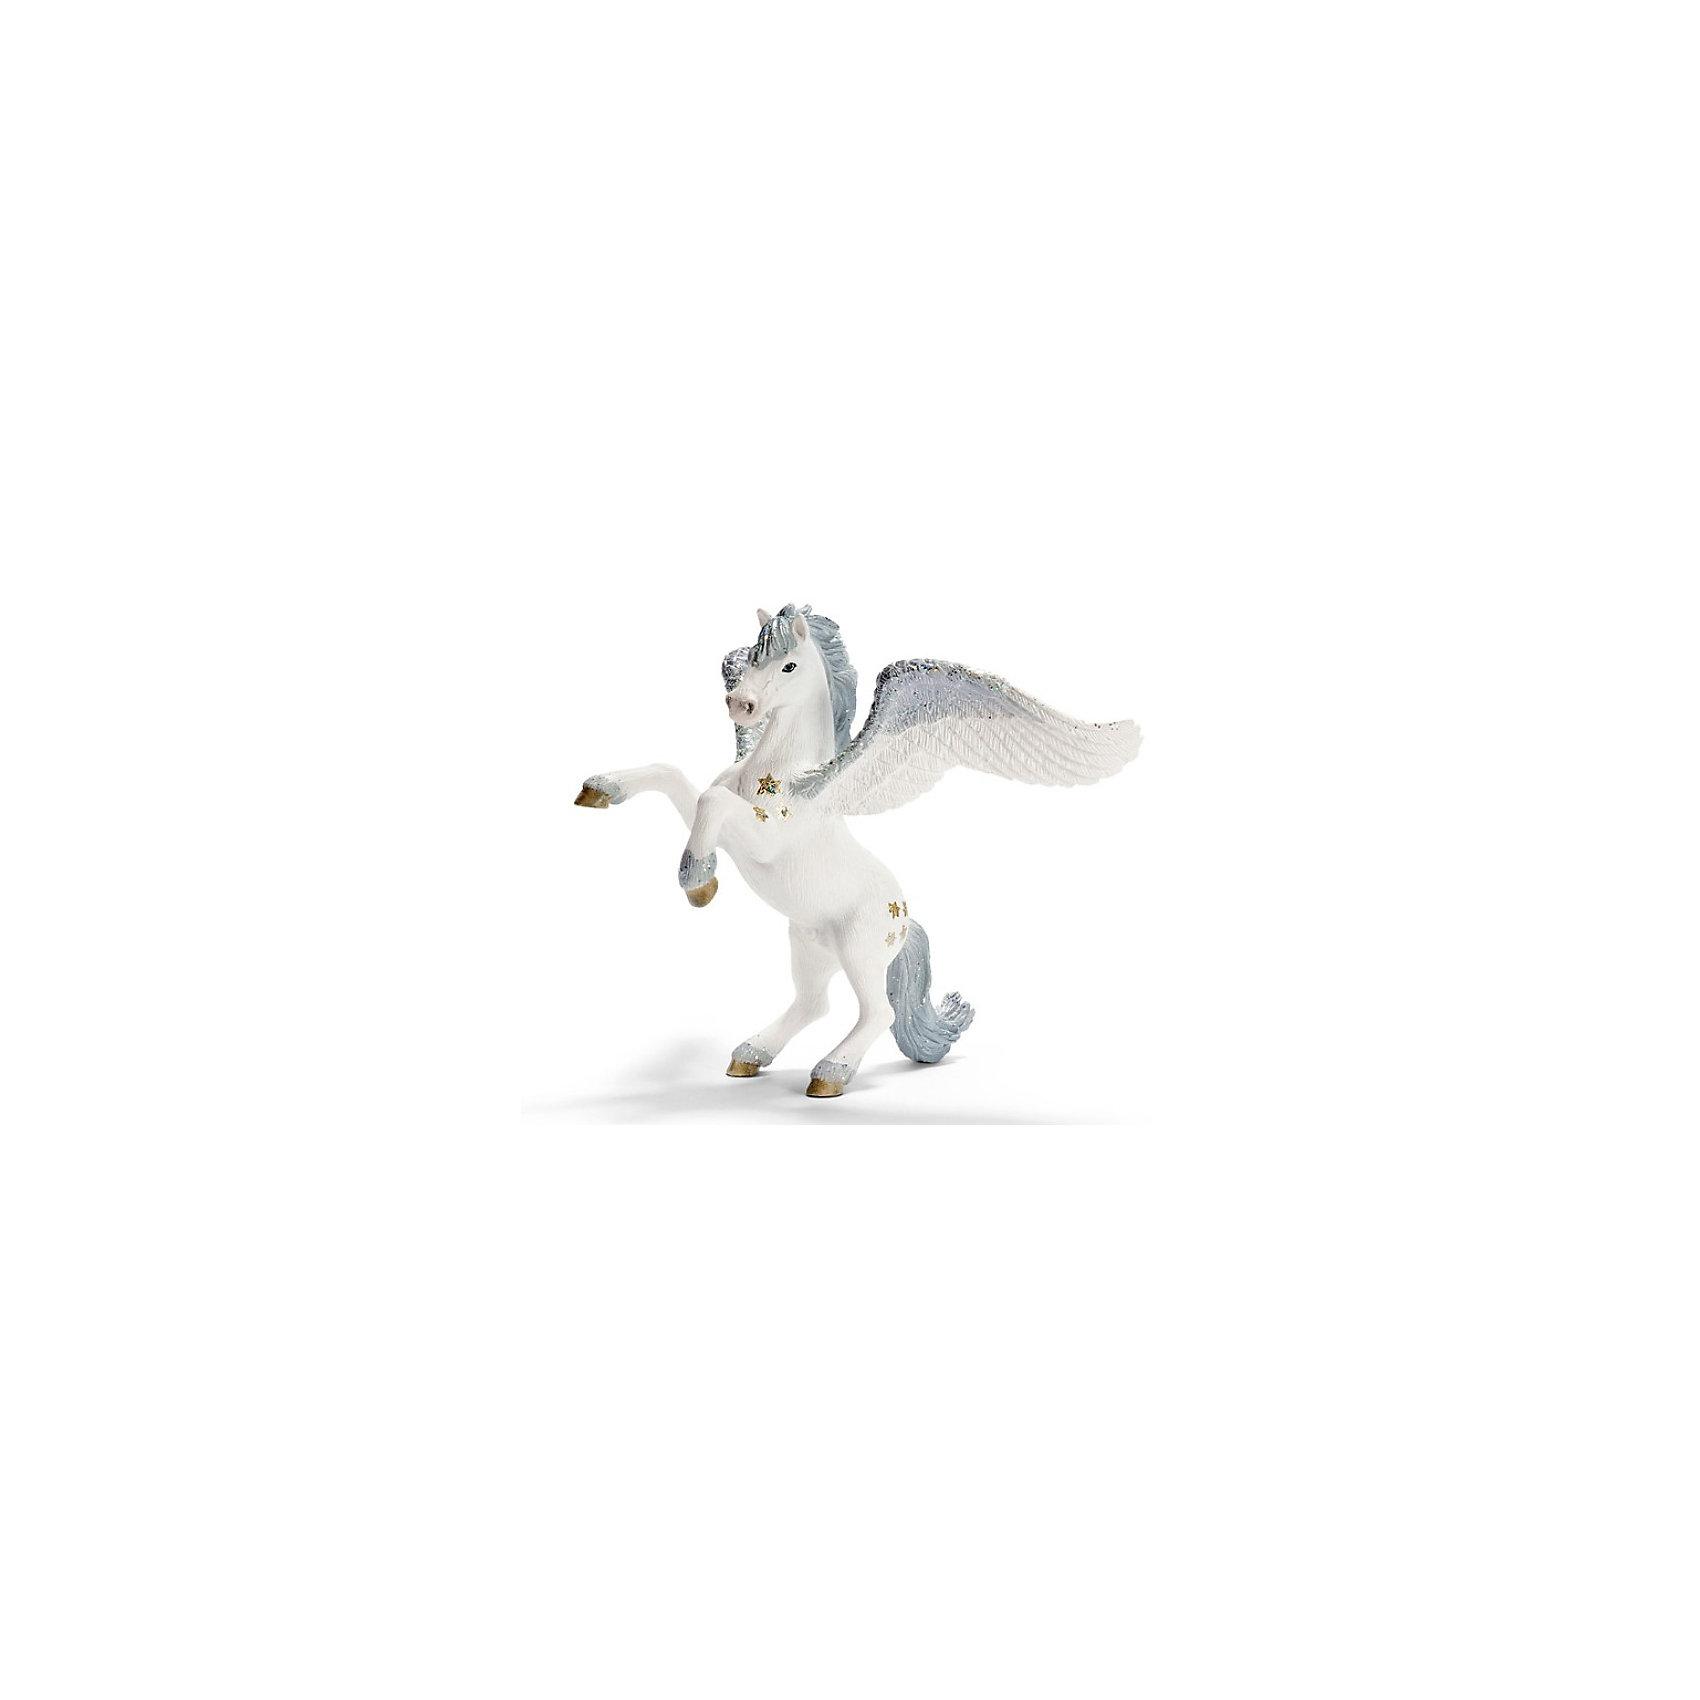 Schleich Пегас. Серия ЭльфыКоллекционные и игровые фигурки фирмы Schleich (Шляйх) из тематической серии Эльфы: Пегас, похожее на коня сказочное животное с крыльями. <br><br>В сказках и легендах он совершил немало добра. Это чрезвычайно благородное сказочное существо!<br><br><br>Подробнее:<br><br><br>- Размеры (ДxШxВ): прибл. 16,5 x 15 x 18 см<br>- Фигурка раскрашена вручную<br><br>Ширина мм: 192<br>Глубина мм: 164<br>Высота мм: 152<br>Вес г: 185<br>Возраст от месяцев: 36<br>Возраст до месяцев: 96<br>Пол: Женский<br>Возраст: Детский<br>SKU: 1994641